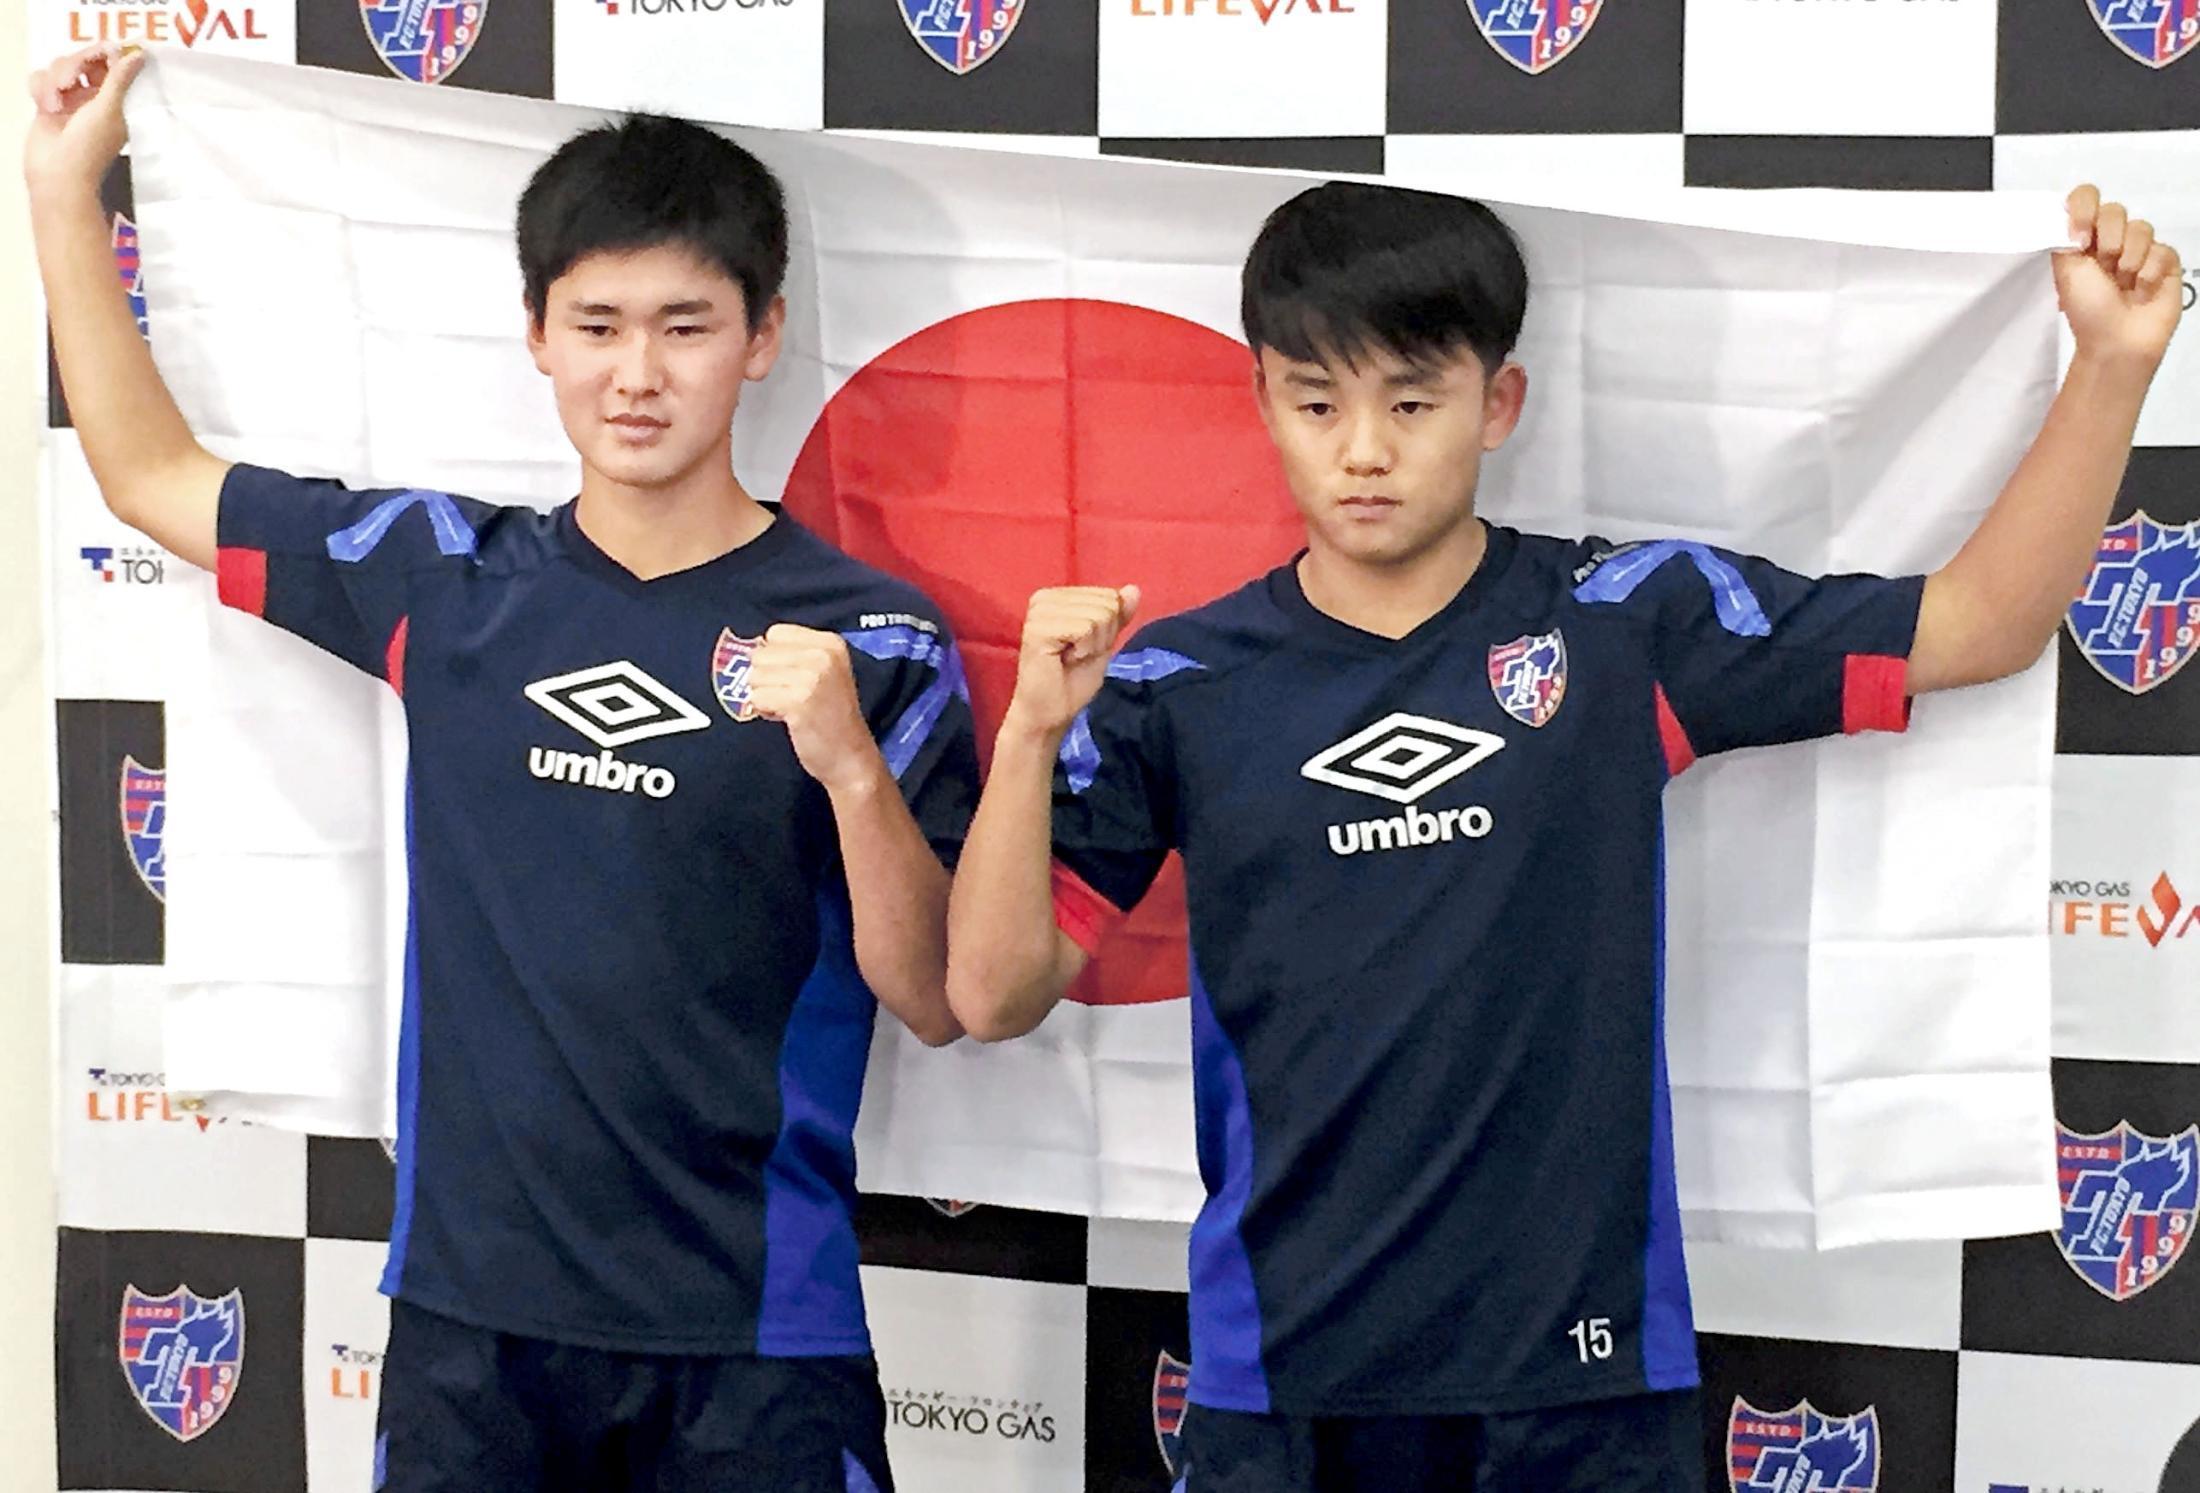 【サッカー】U-17選出の久保建英が会見→記者の清宮質問に苦笑wwwwwwwwのサムネイル画像